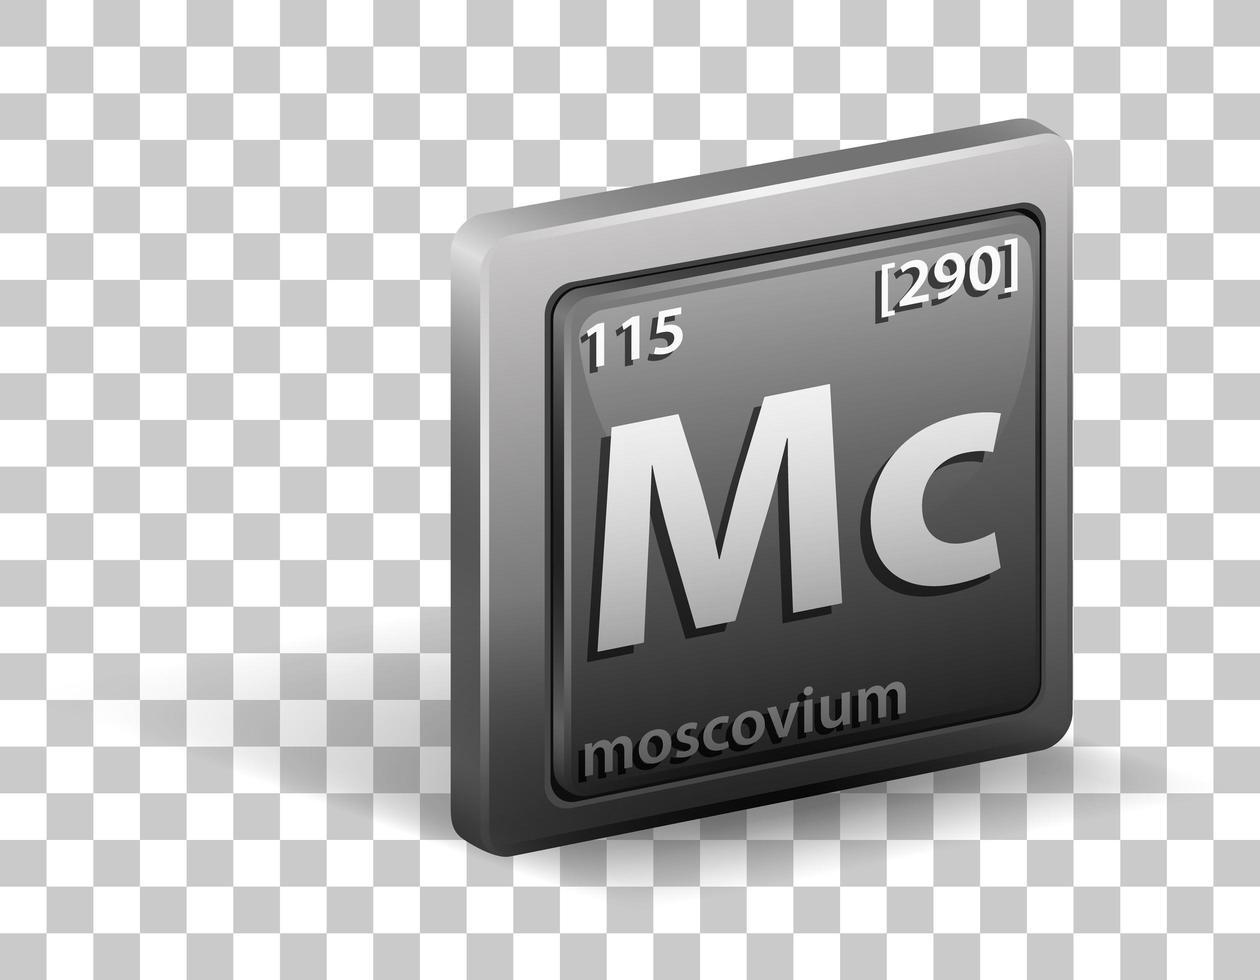 elemento químico moscovio. símbolo químico con número atómico y masa atómica. vector